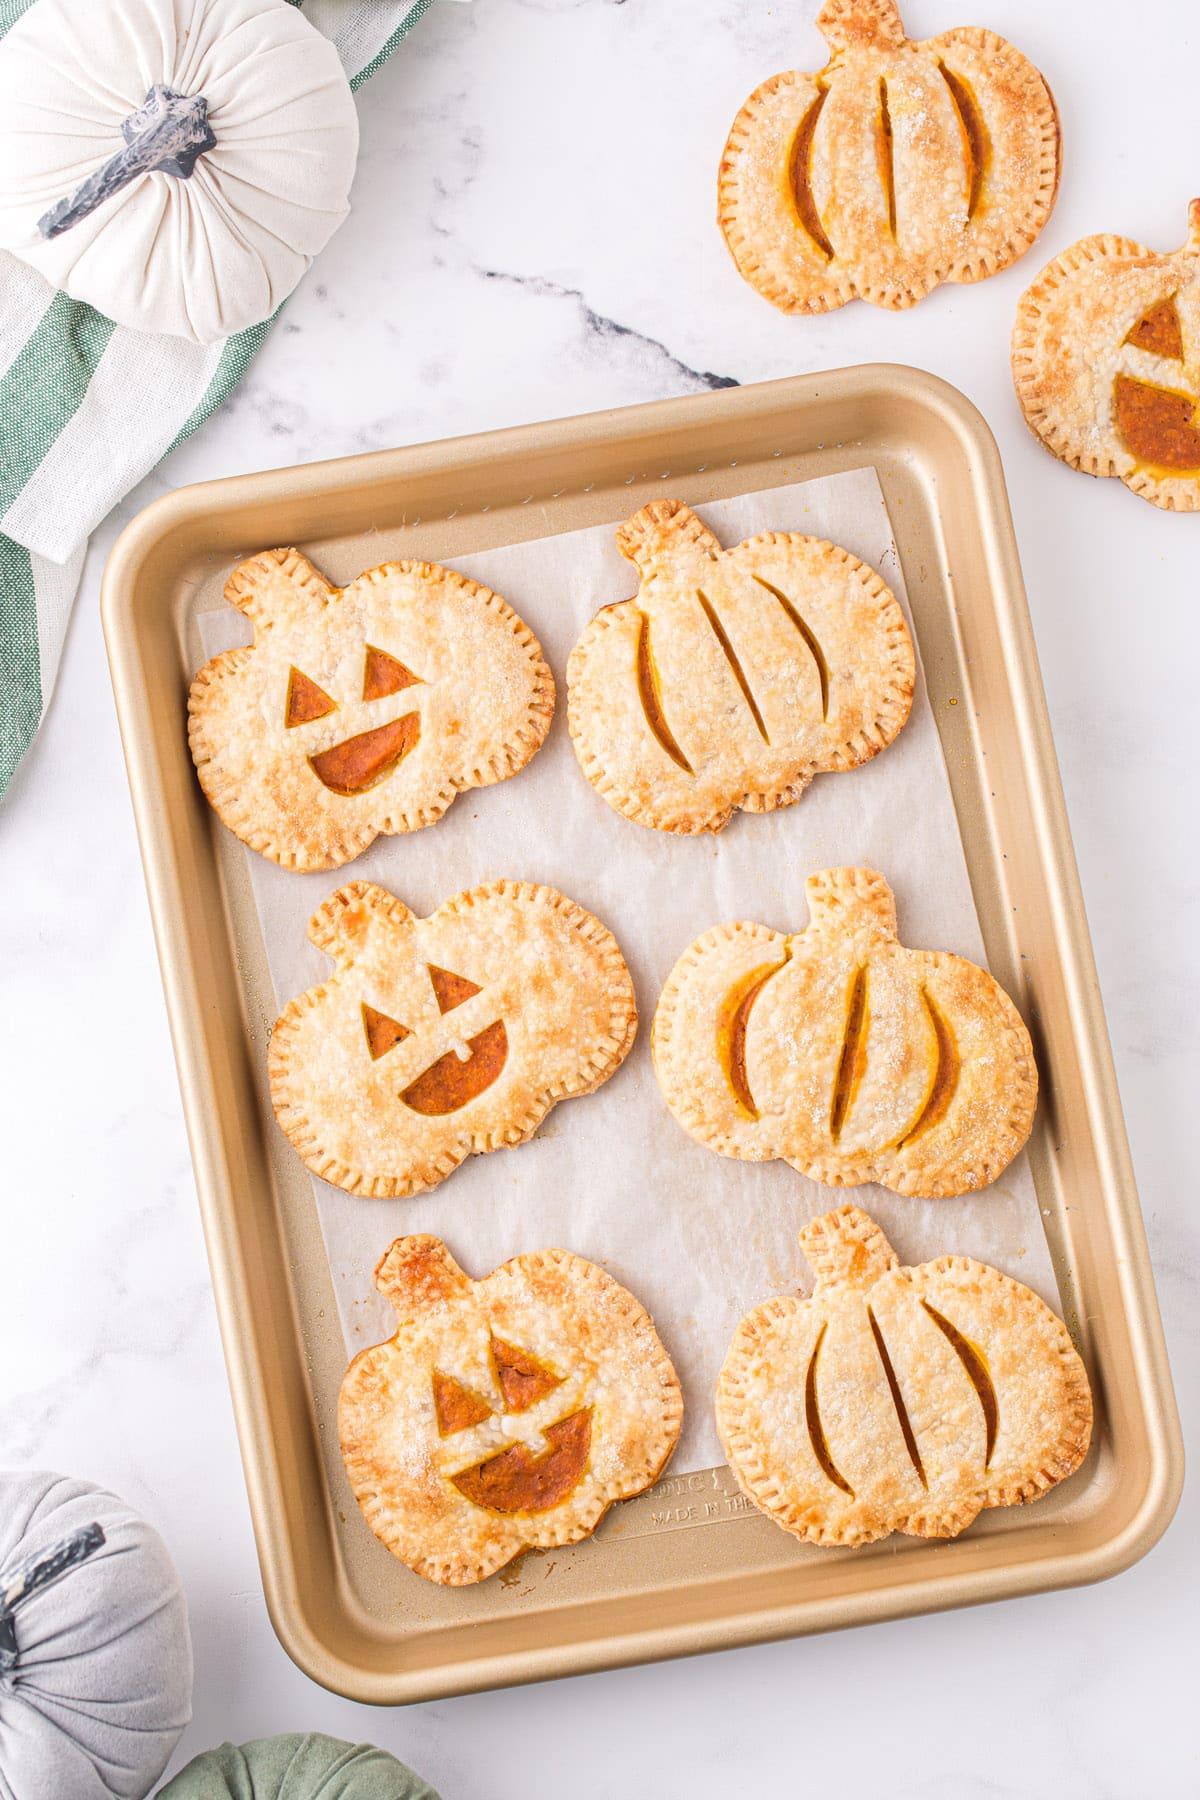 baked pumpkin hand pies